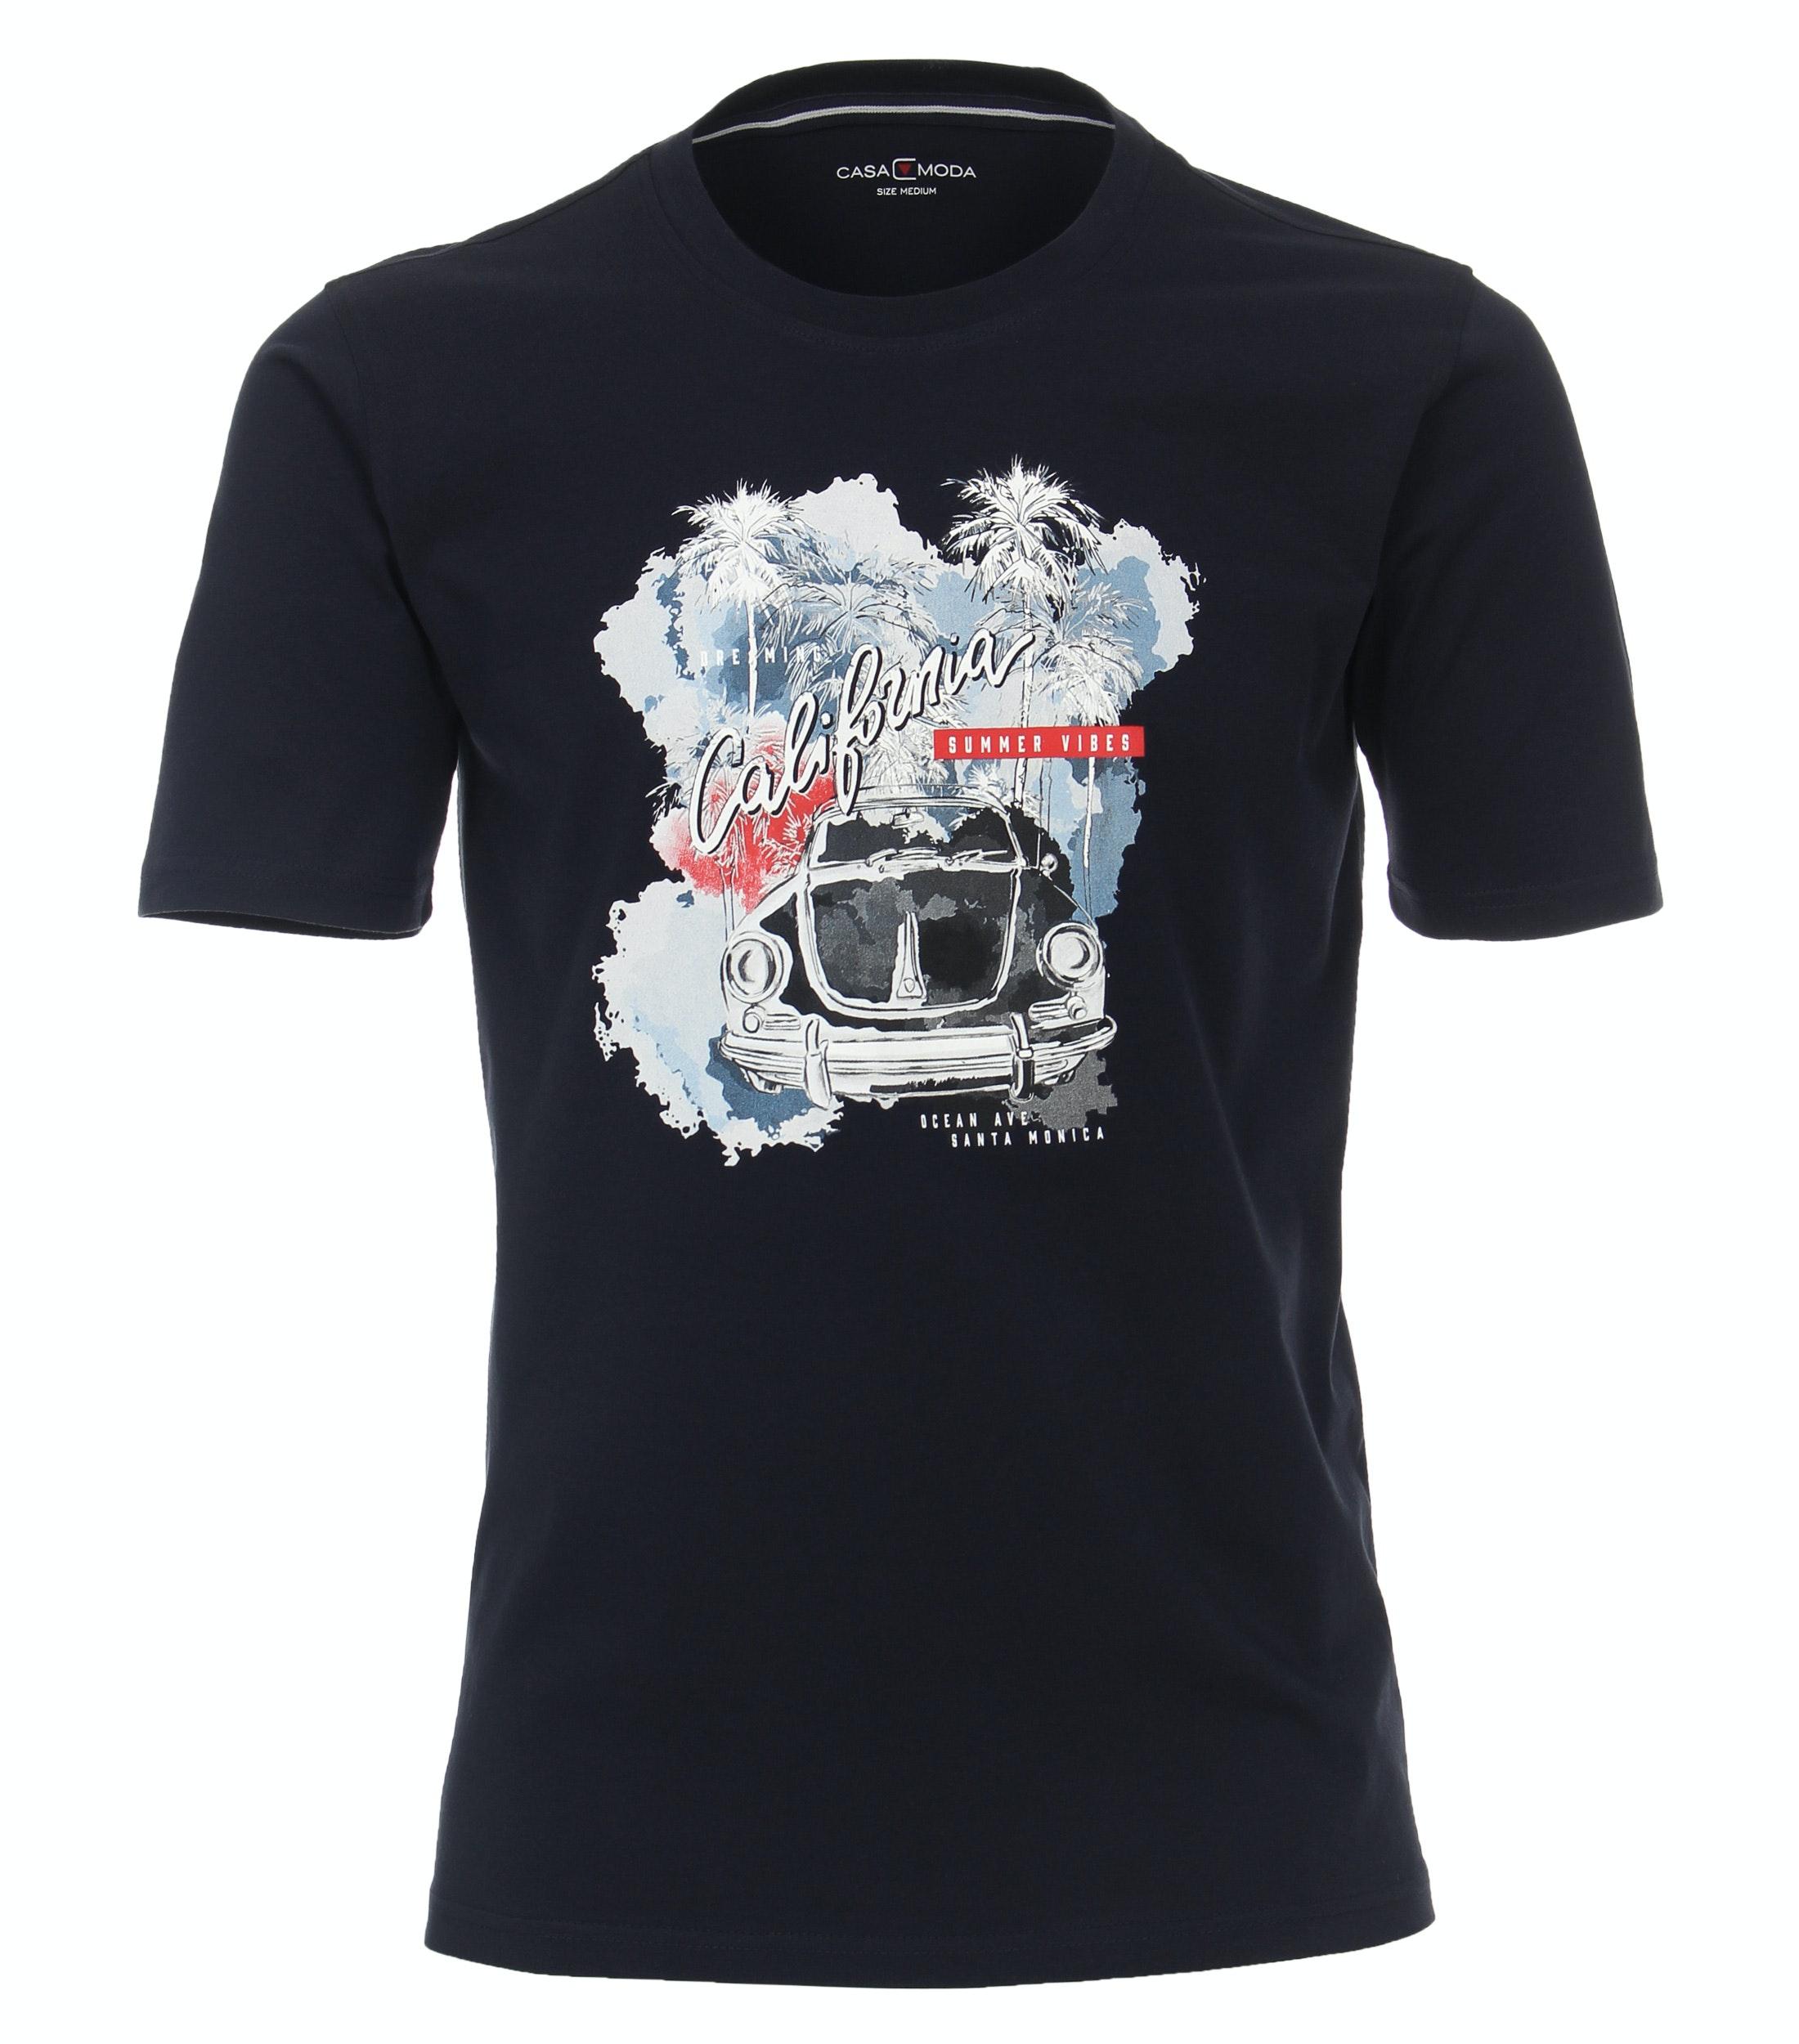 T-shirt van merk CASA MODA in de kleur blauw, gemaakt van 100% katoen. Dit T-shirt is gemaakt van puur katoen en is zeer comfortabel om te dragen. Het sportieve design met trendy logo print past perfect bij elke sportieve look en kan op veel manieren worden gecombineerd. Het T-shirt kan veelzijdig gedragen worden en is een absolute must have voor iedere garderobe.